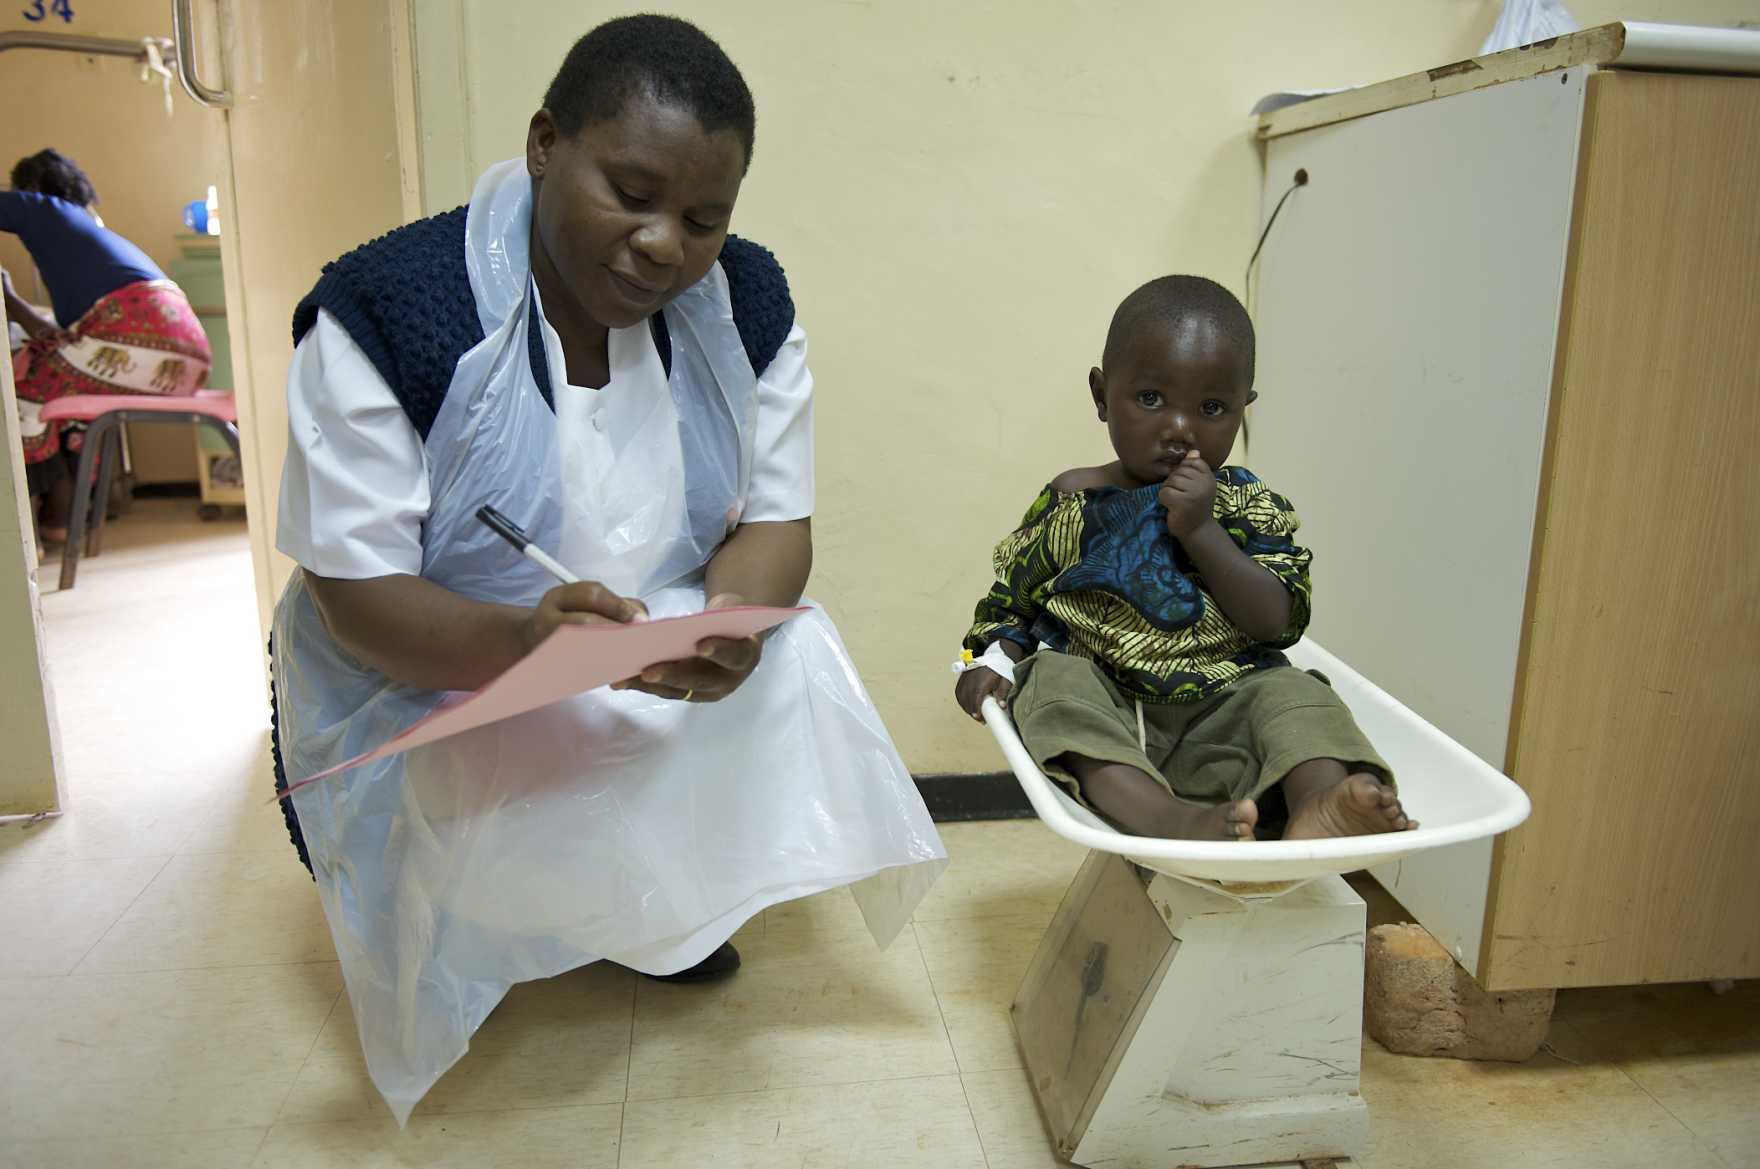 Ett litet barn sitter på en våg, bredvid en sjuksköterska.